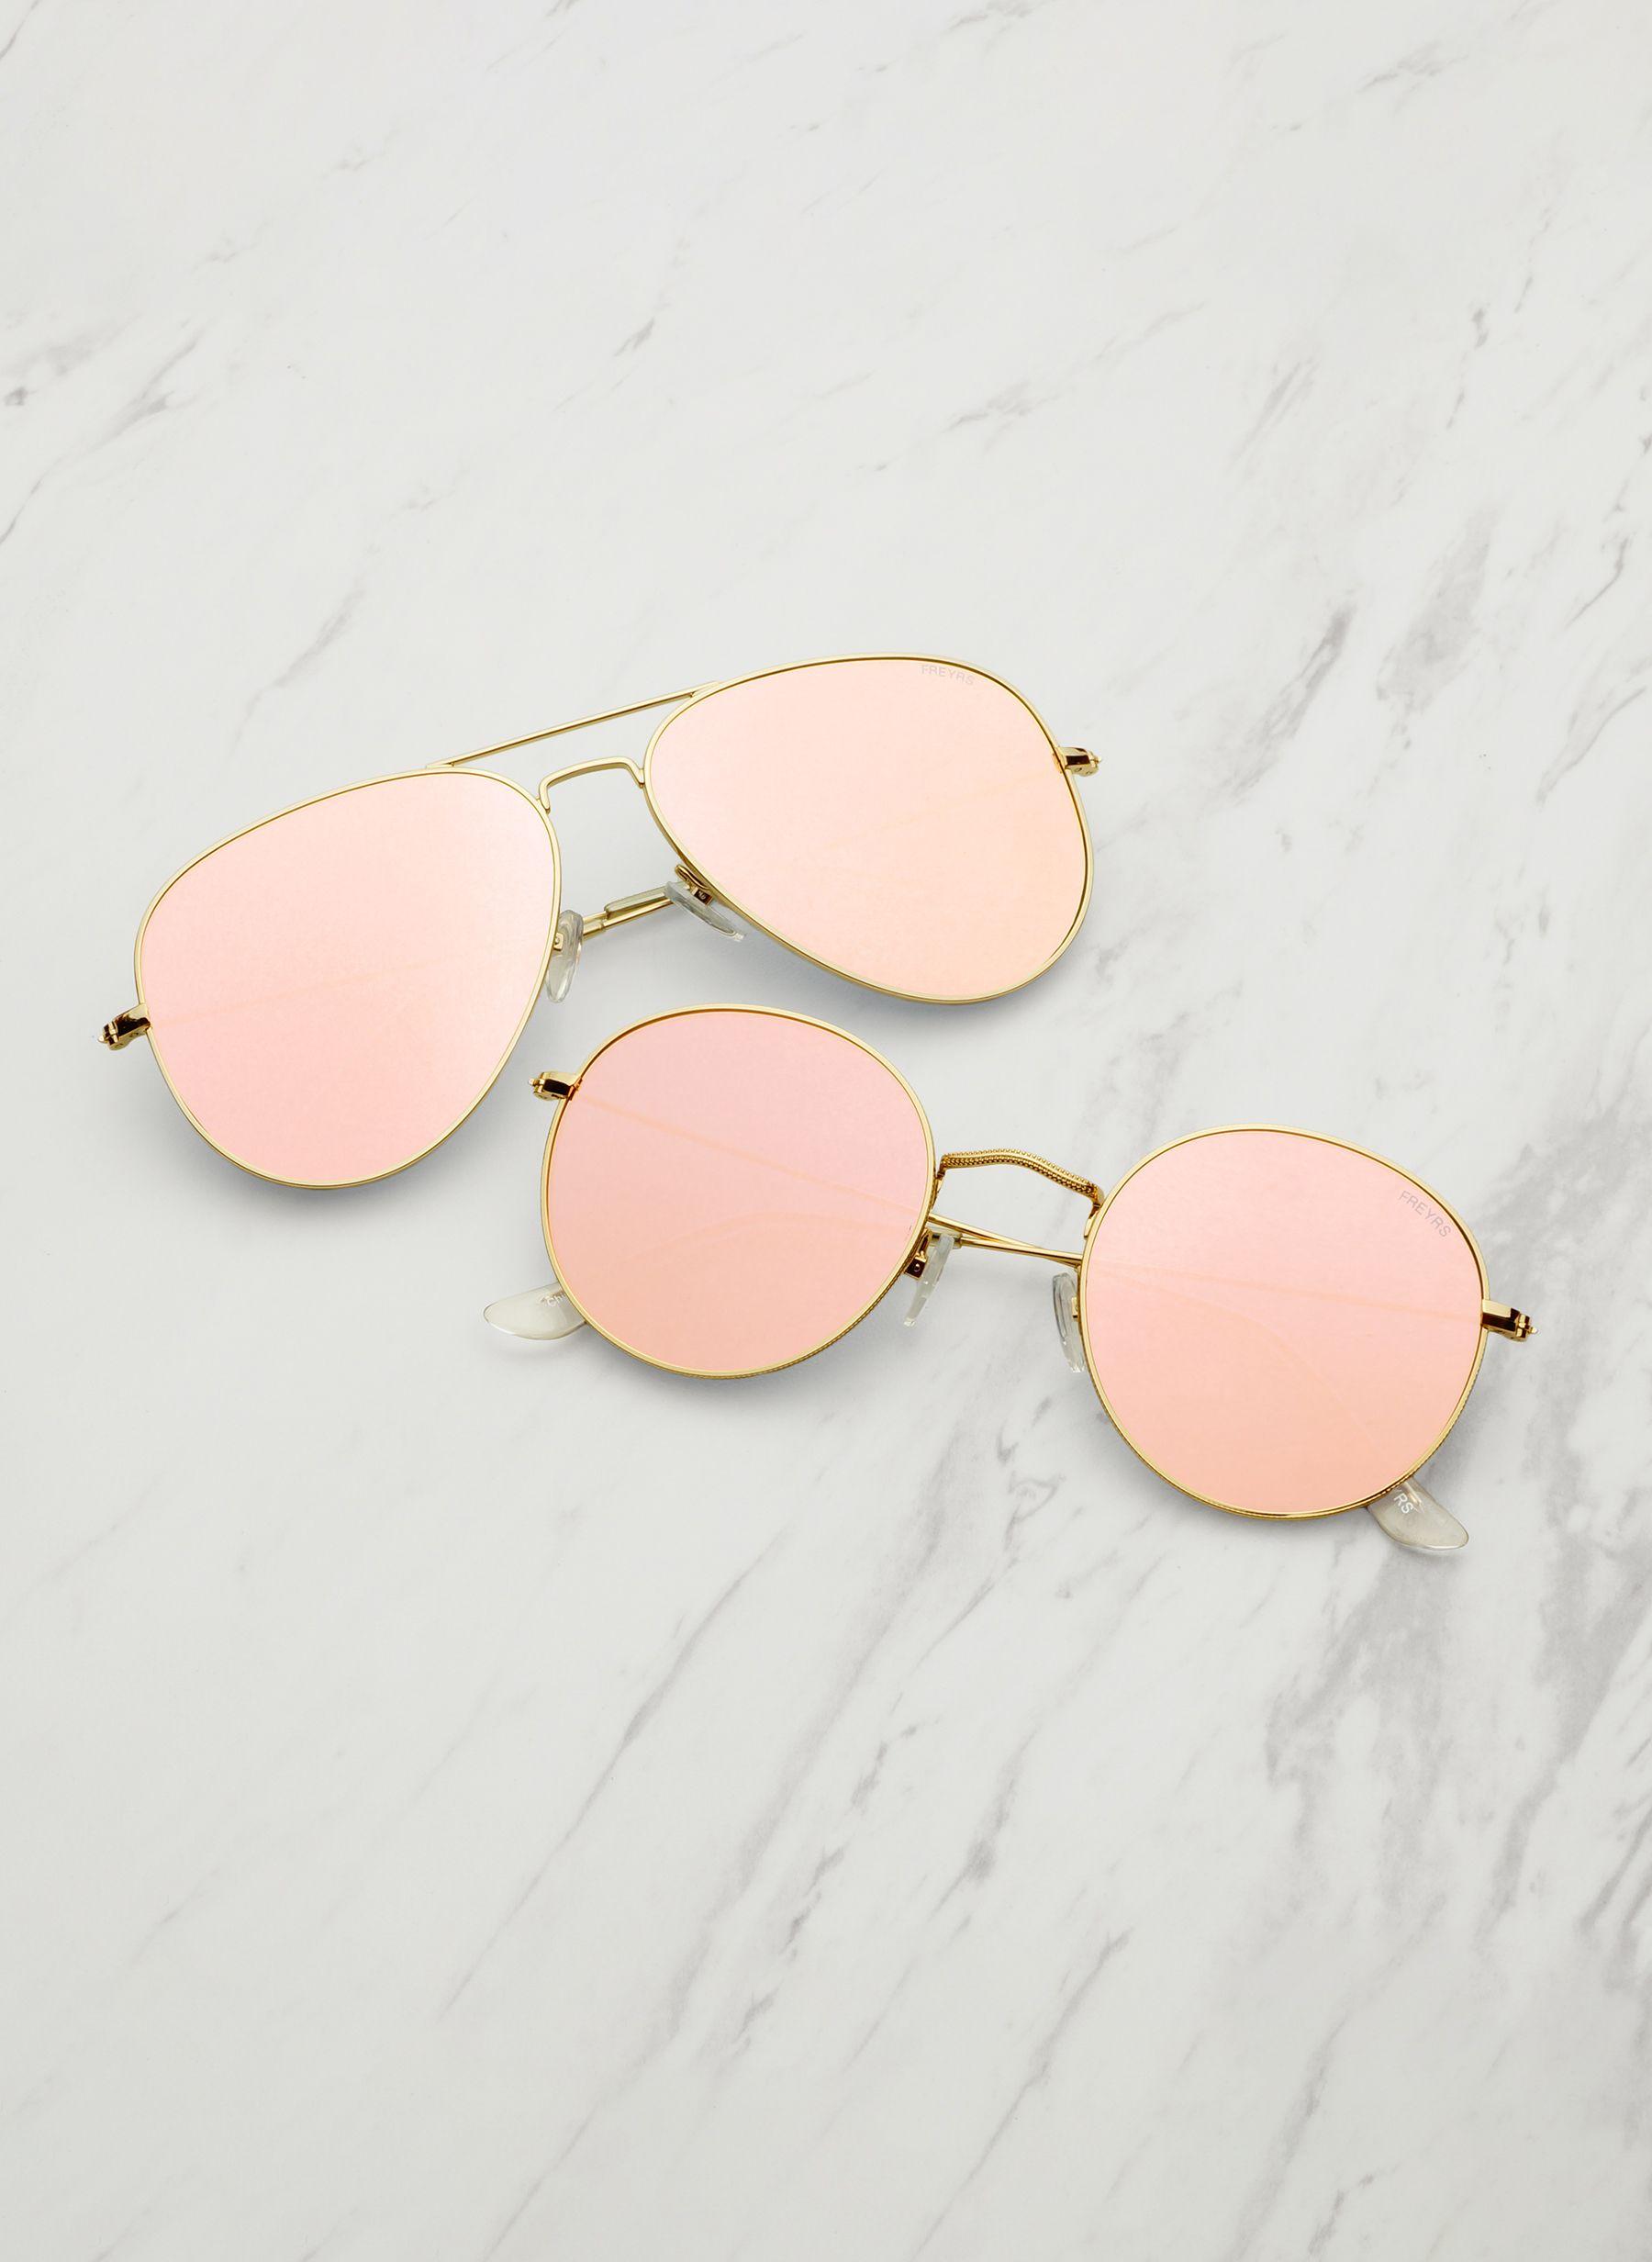 b360a6d08 Óculos de sol são acessórios indispensáveis em uma mala de quem vai para a  praia.